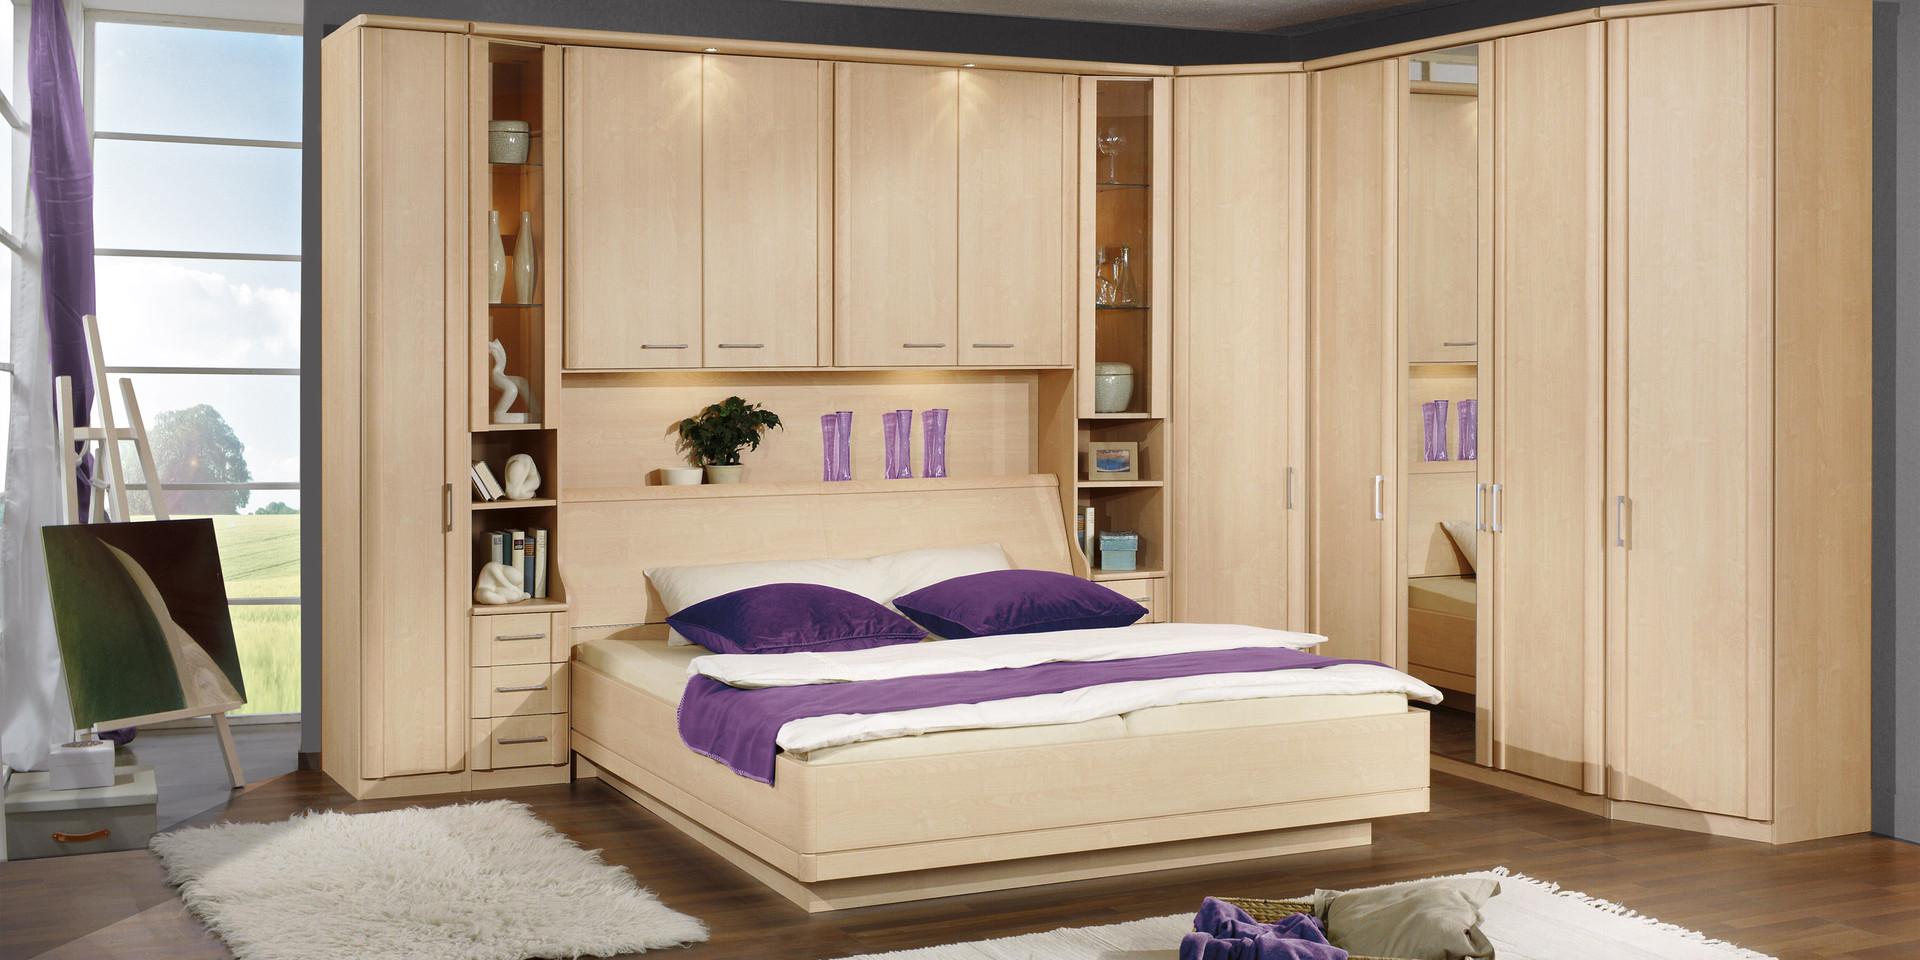 Schlafzimmer Klassisch Wei : Schlafzimmer